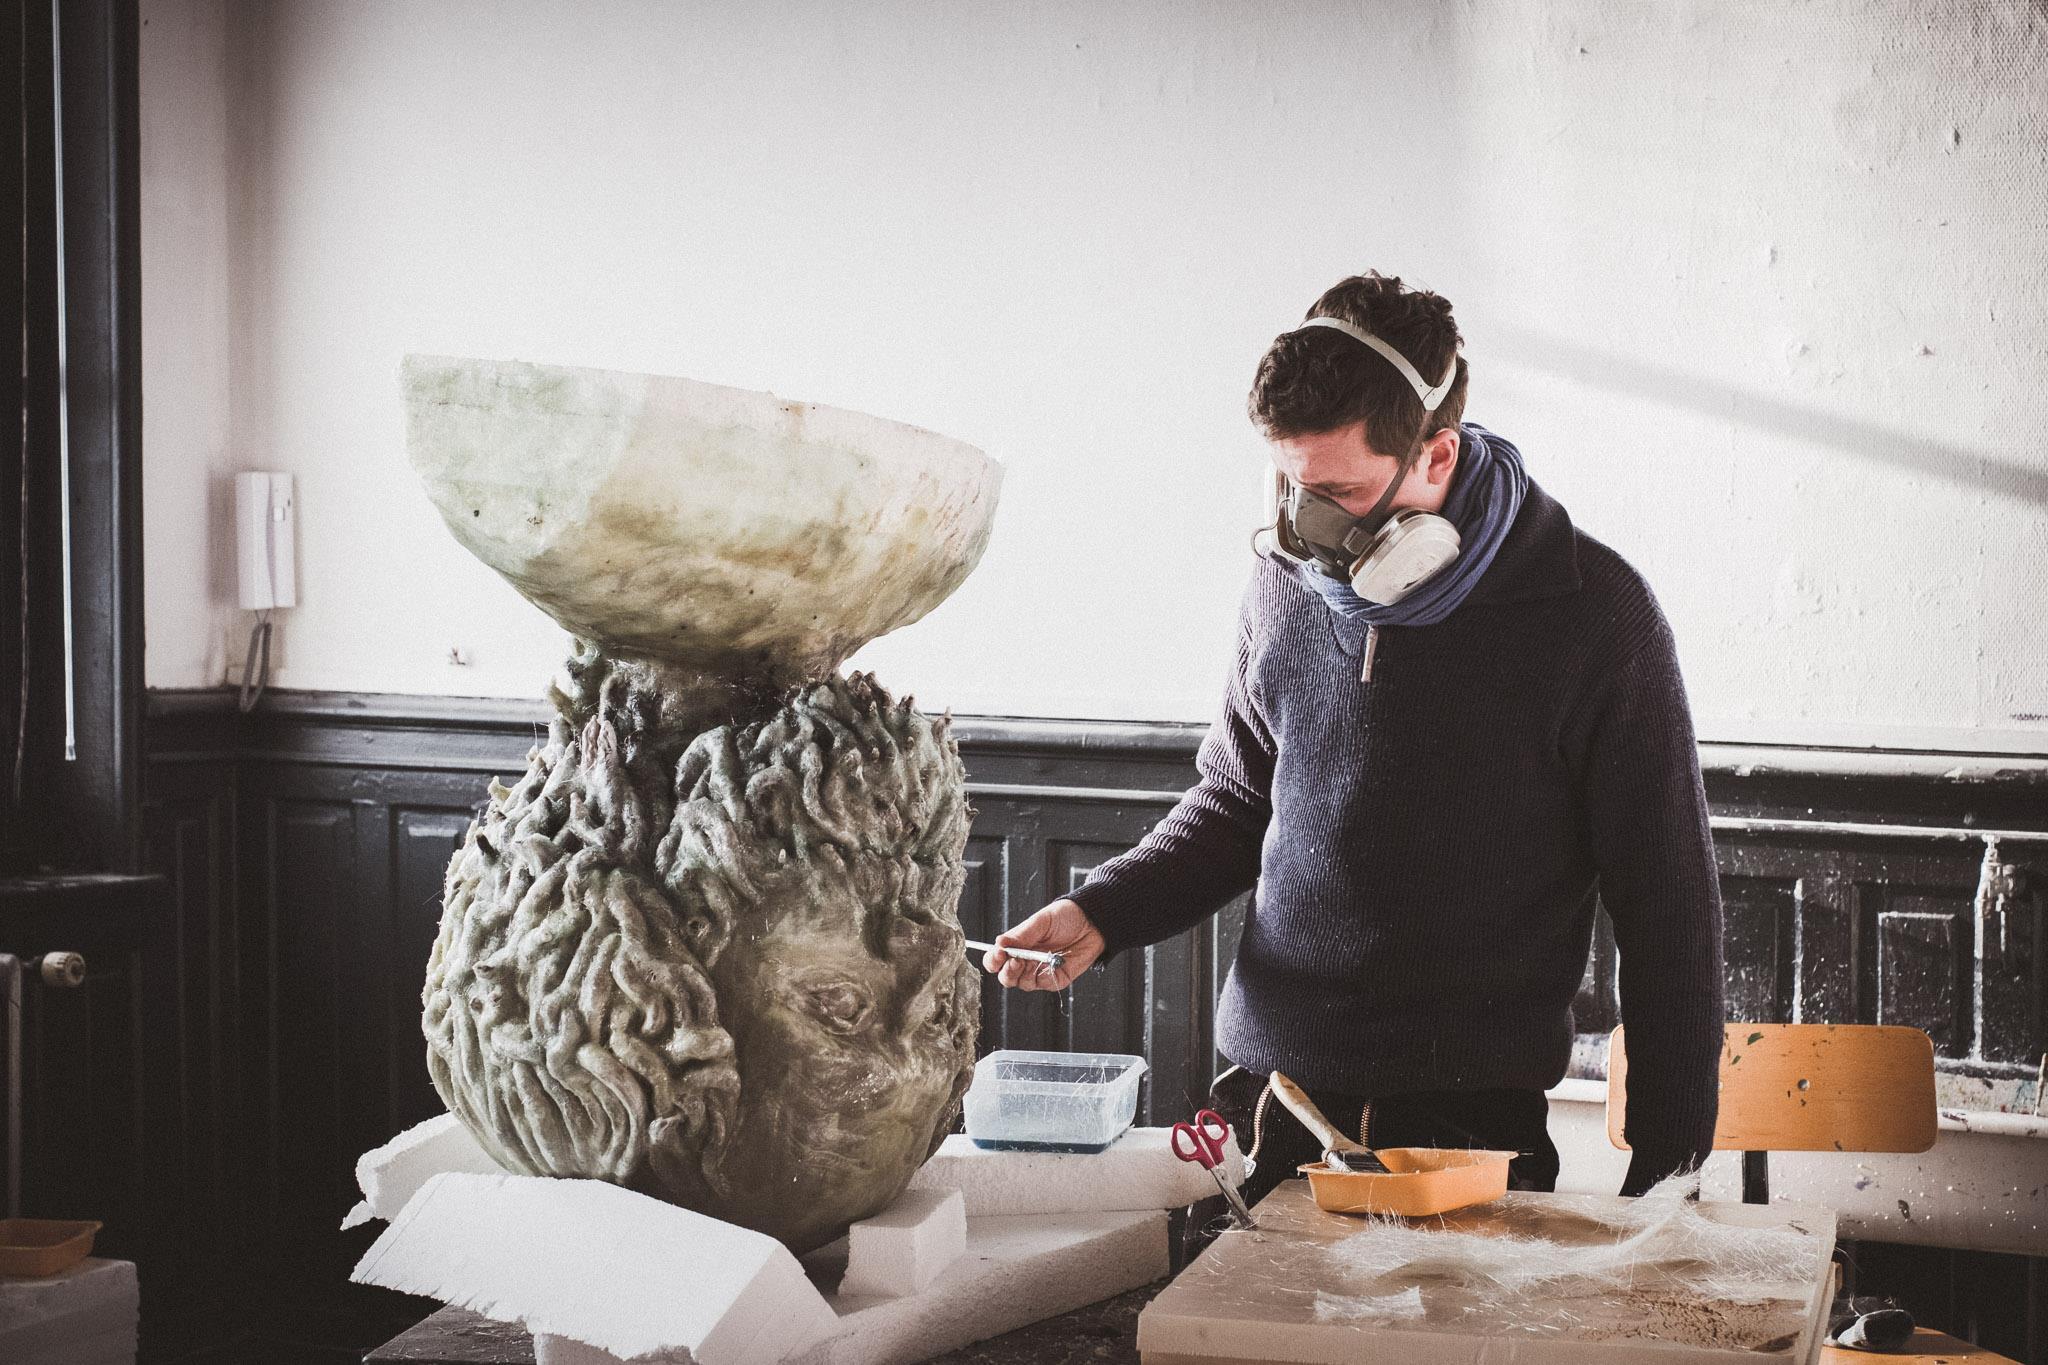 Création de géant pour la ville de Roubaix par Simon Bouckson - mars 2017